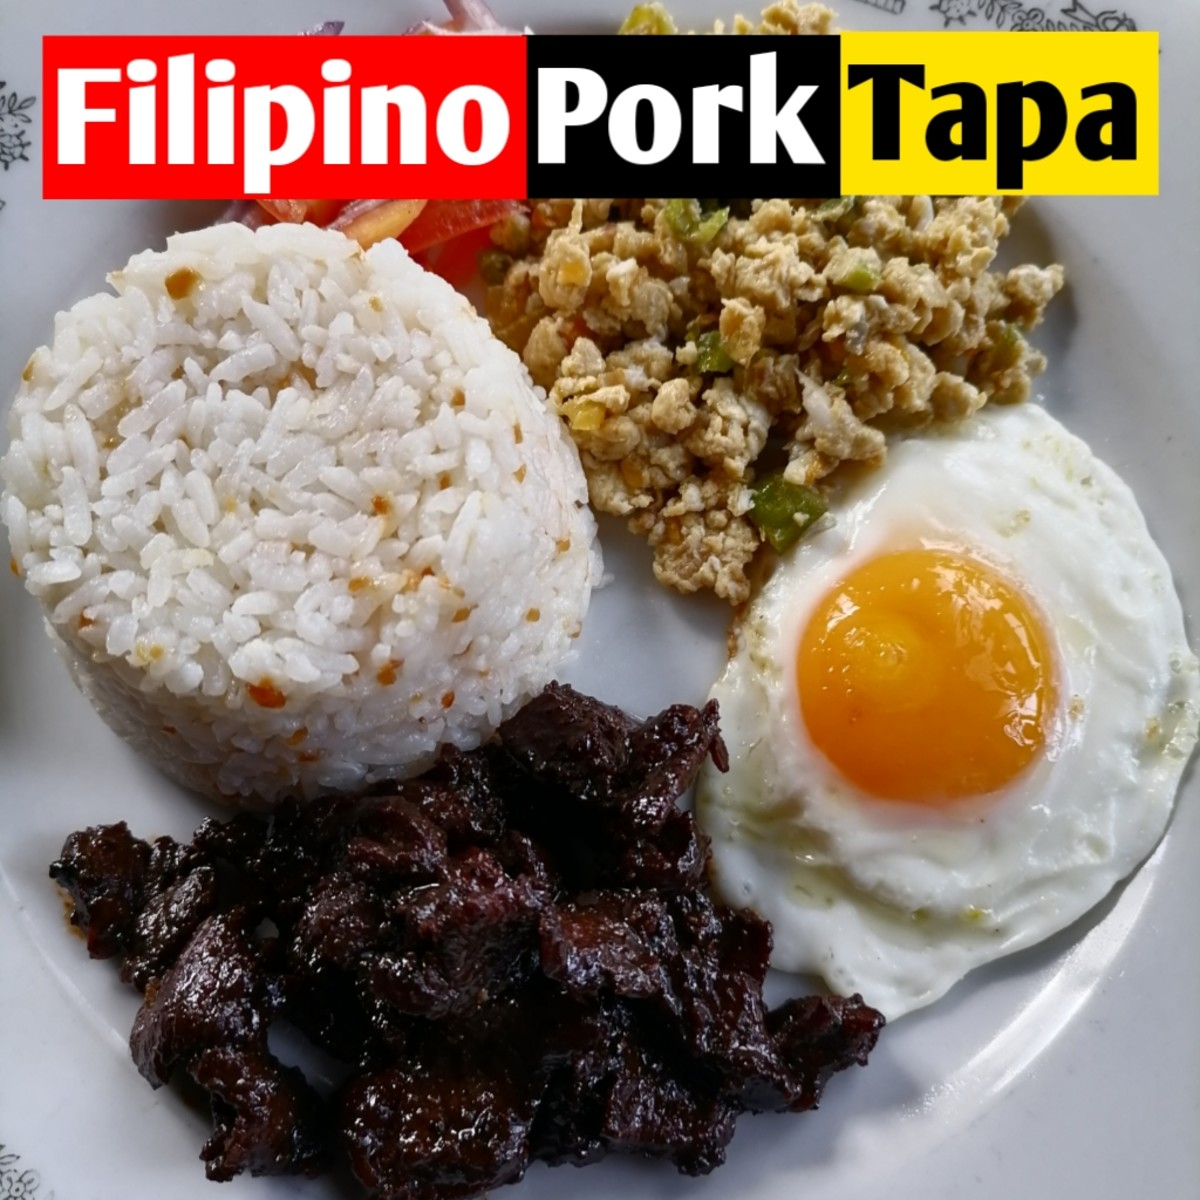 Filipino Pork Tapa